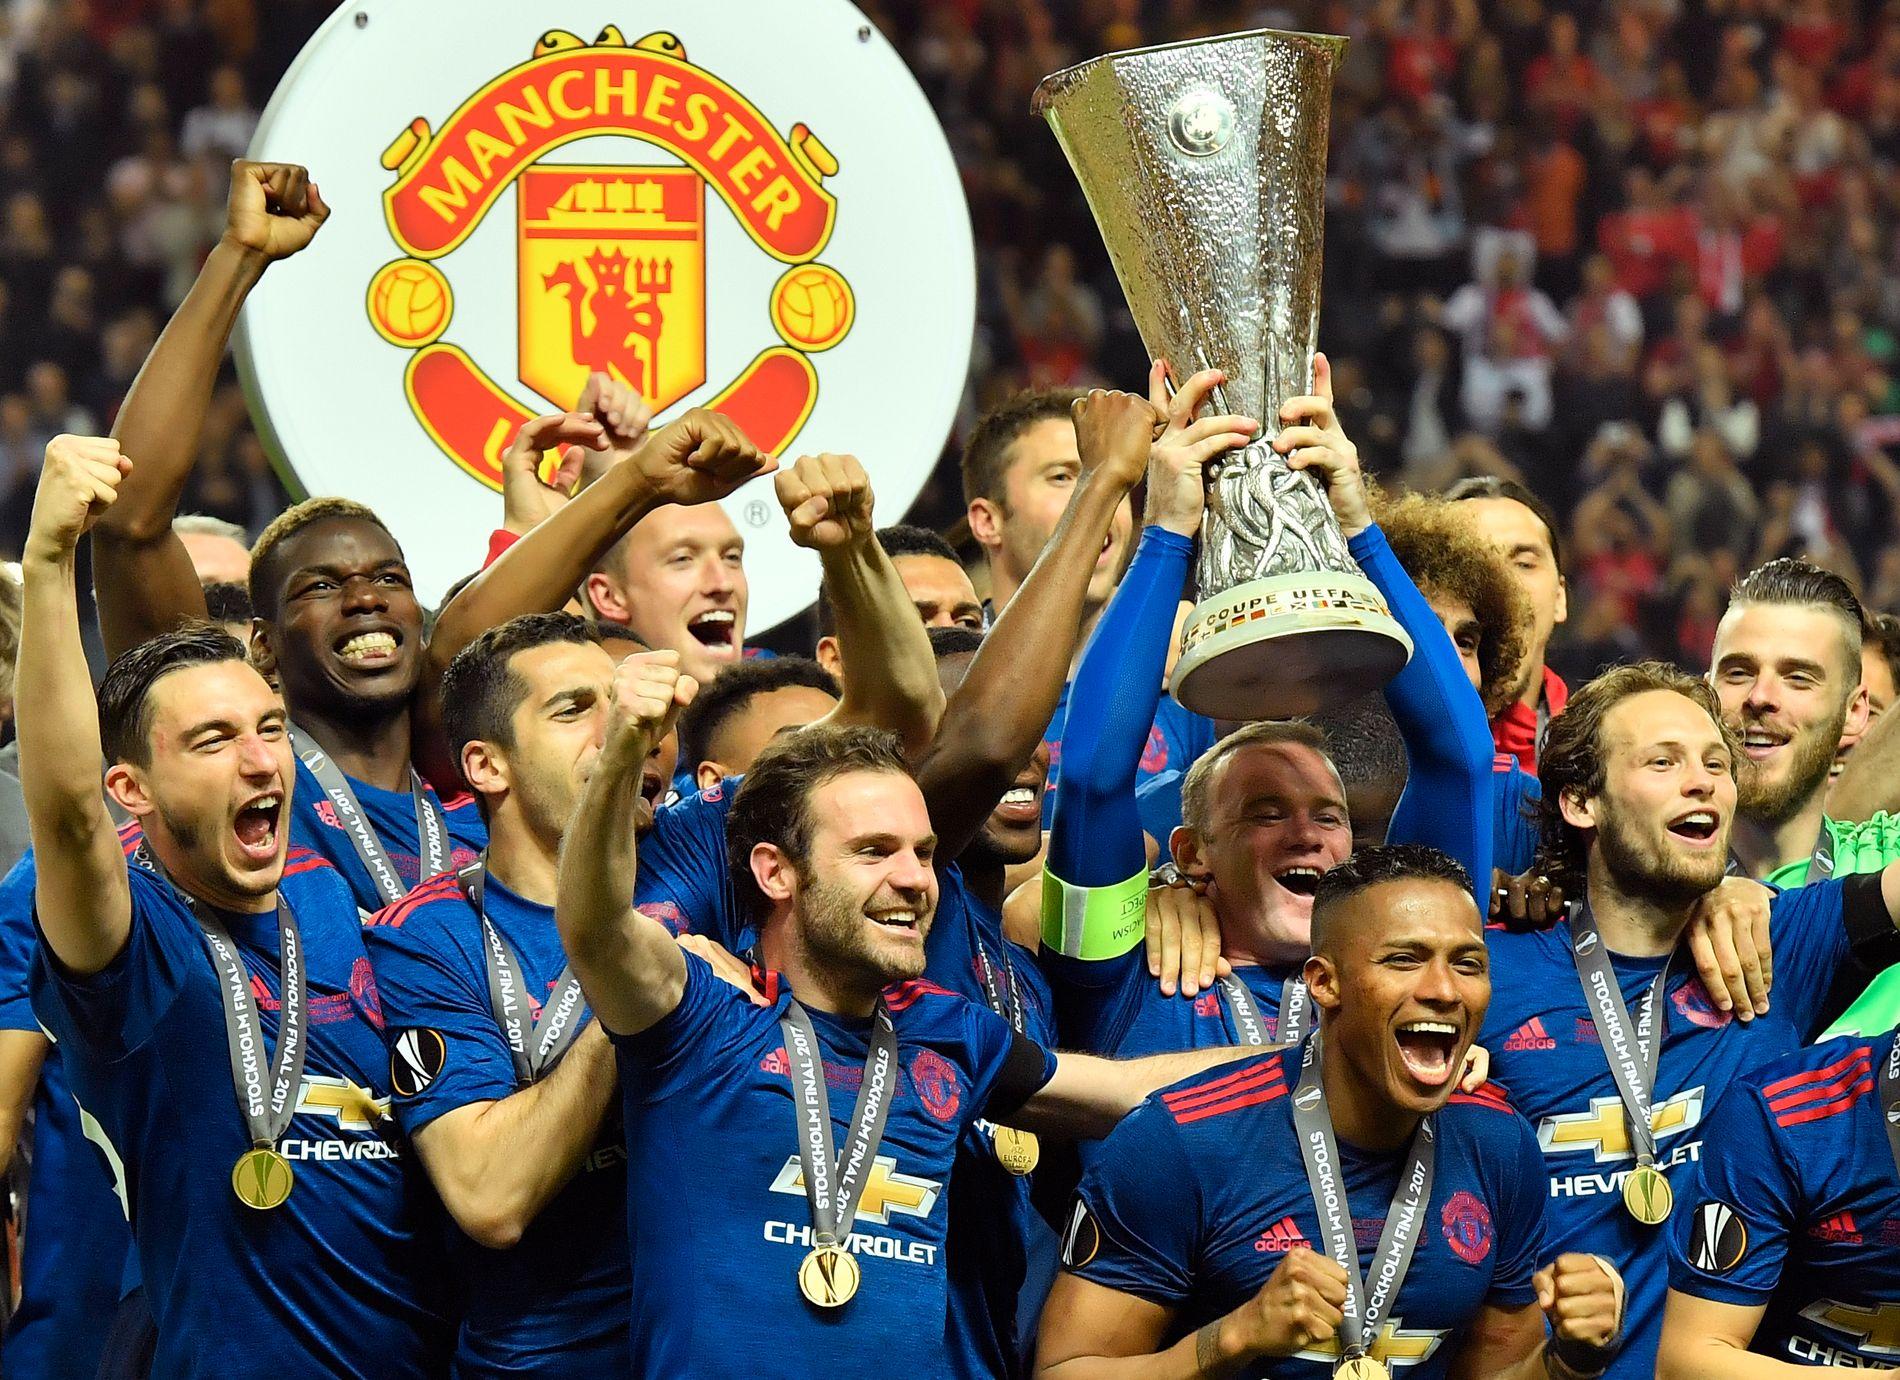 Manchester United lyktes i Europaligaen, men slet mer i Premier League. Øyvind Alsaker tror klubben kommer til å handle stort i sommer.